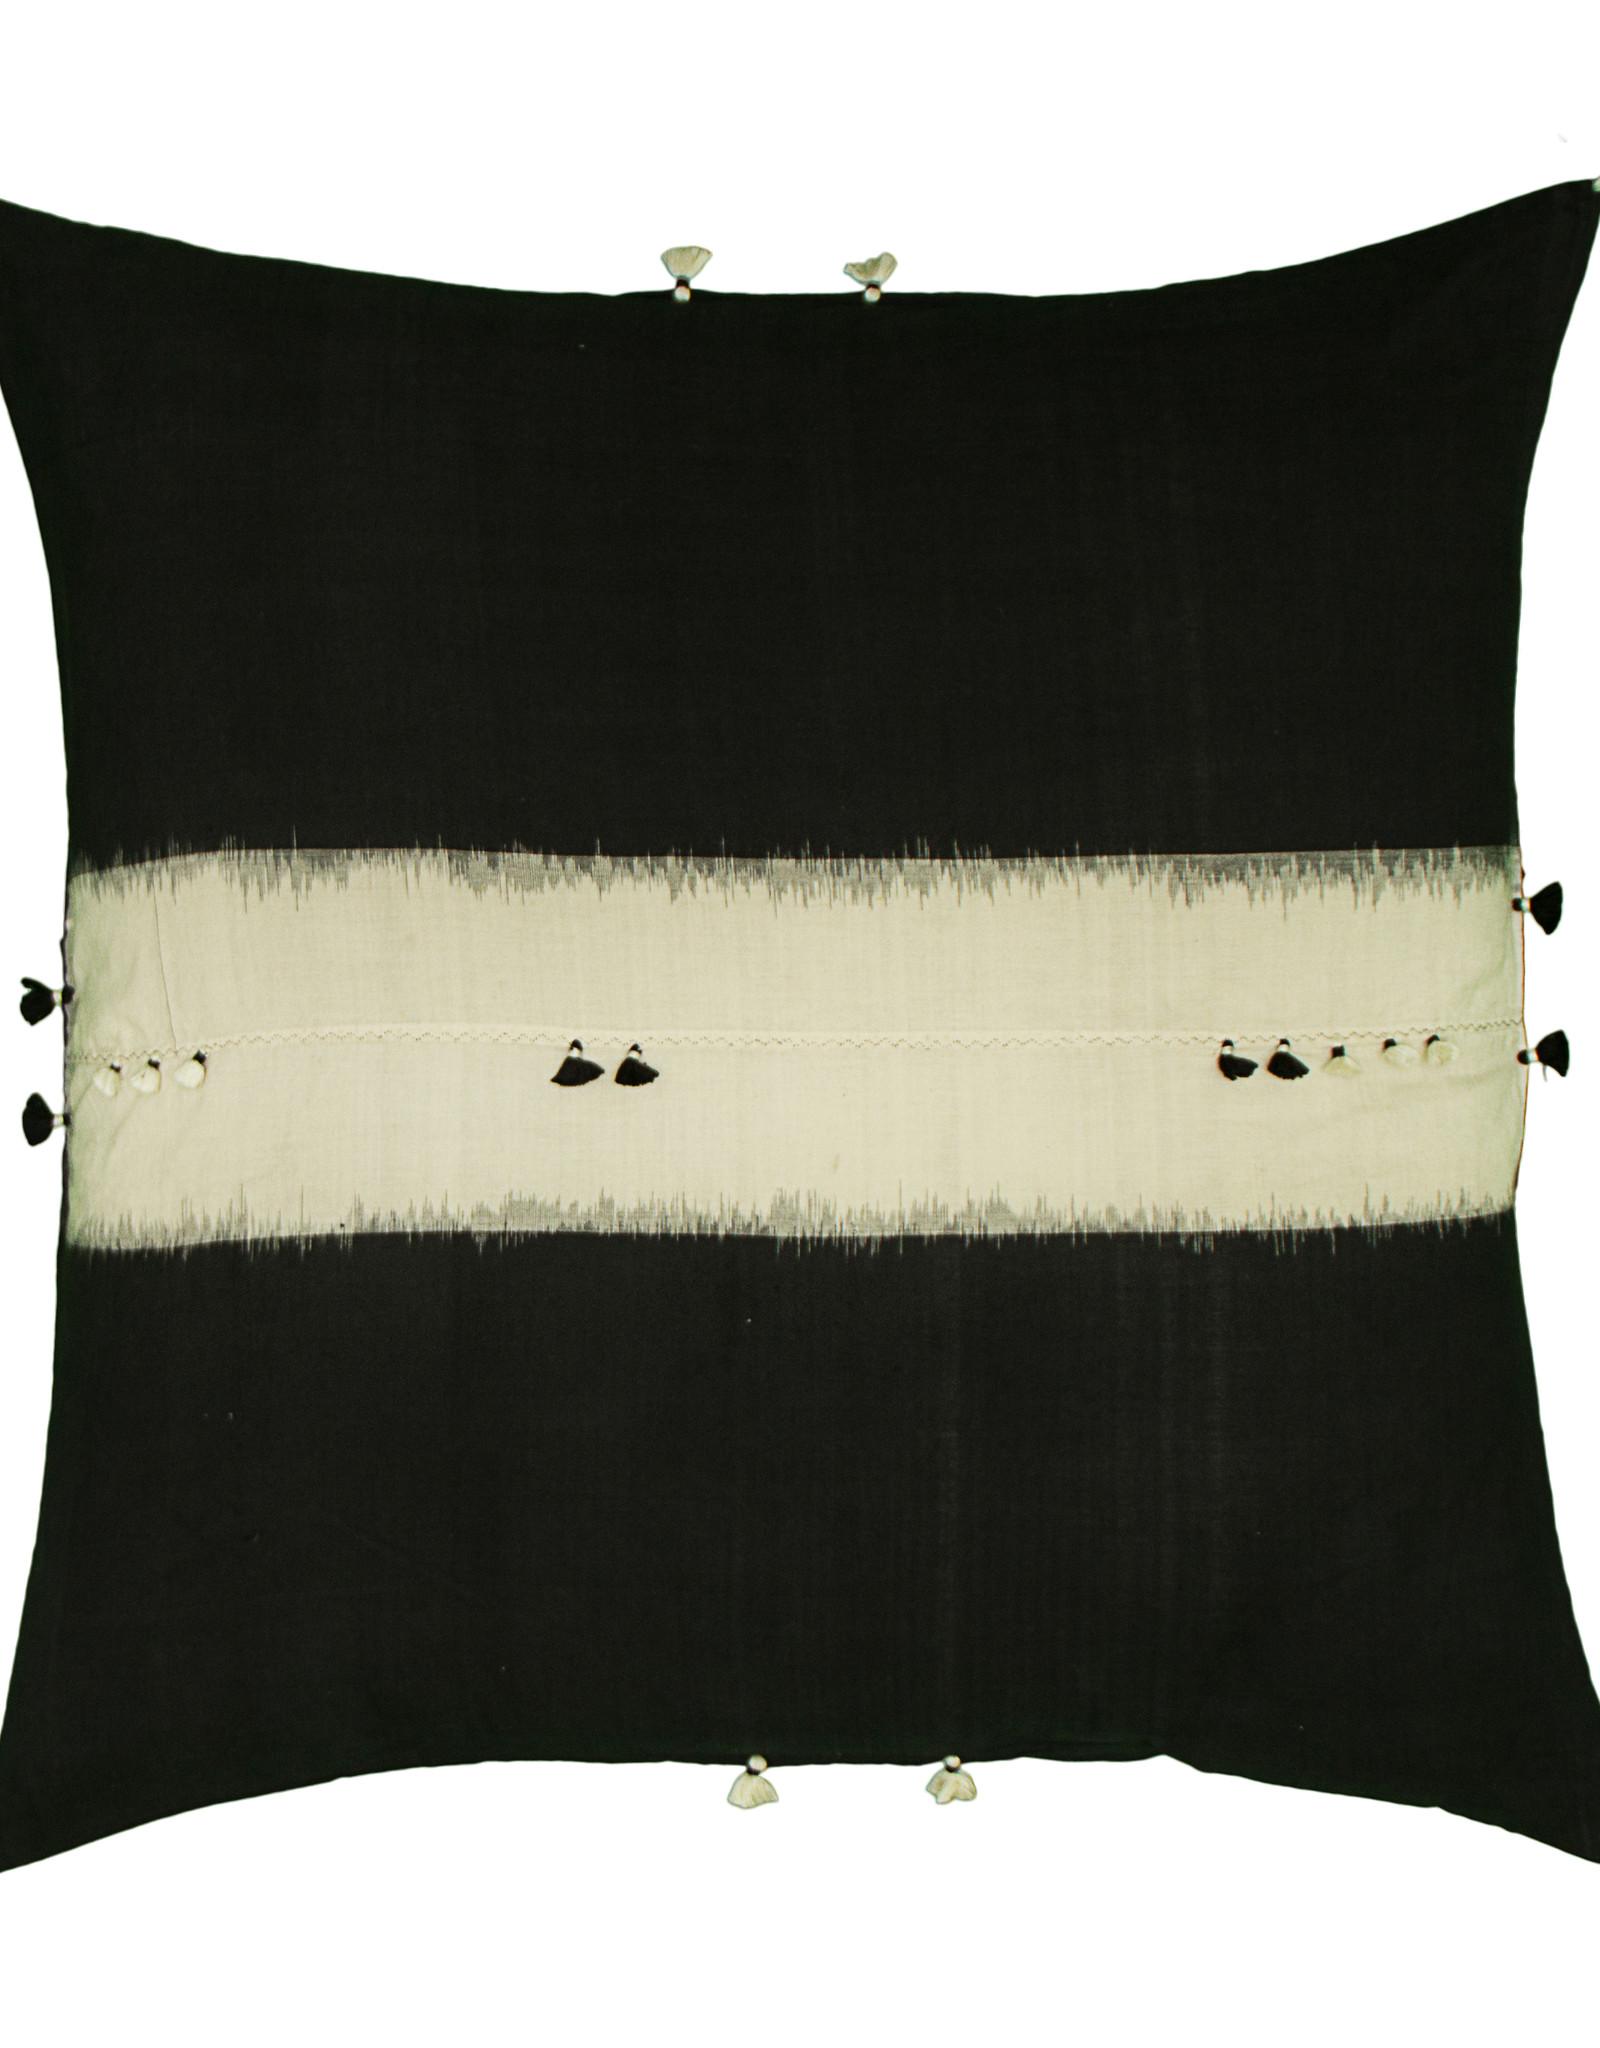 INJIRI Rebari 44 Cushion Cover